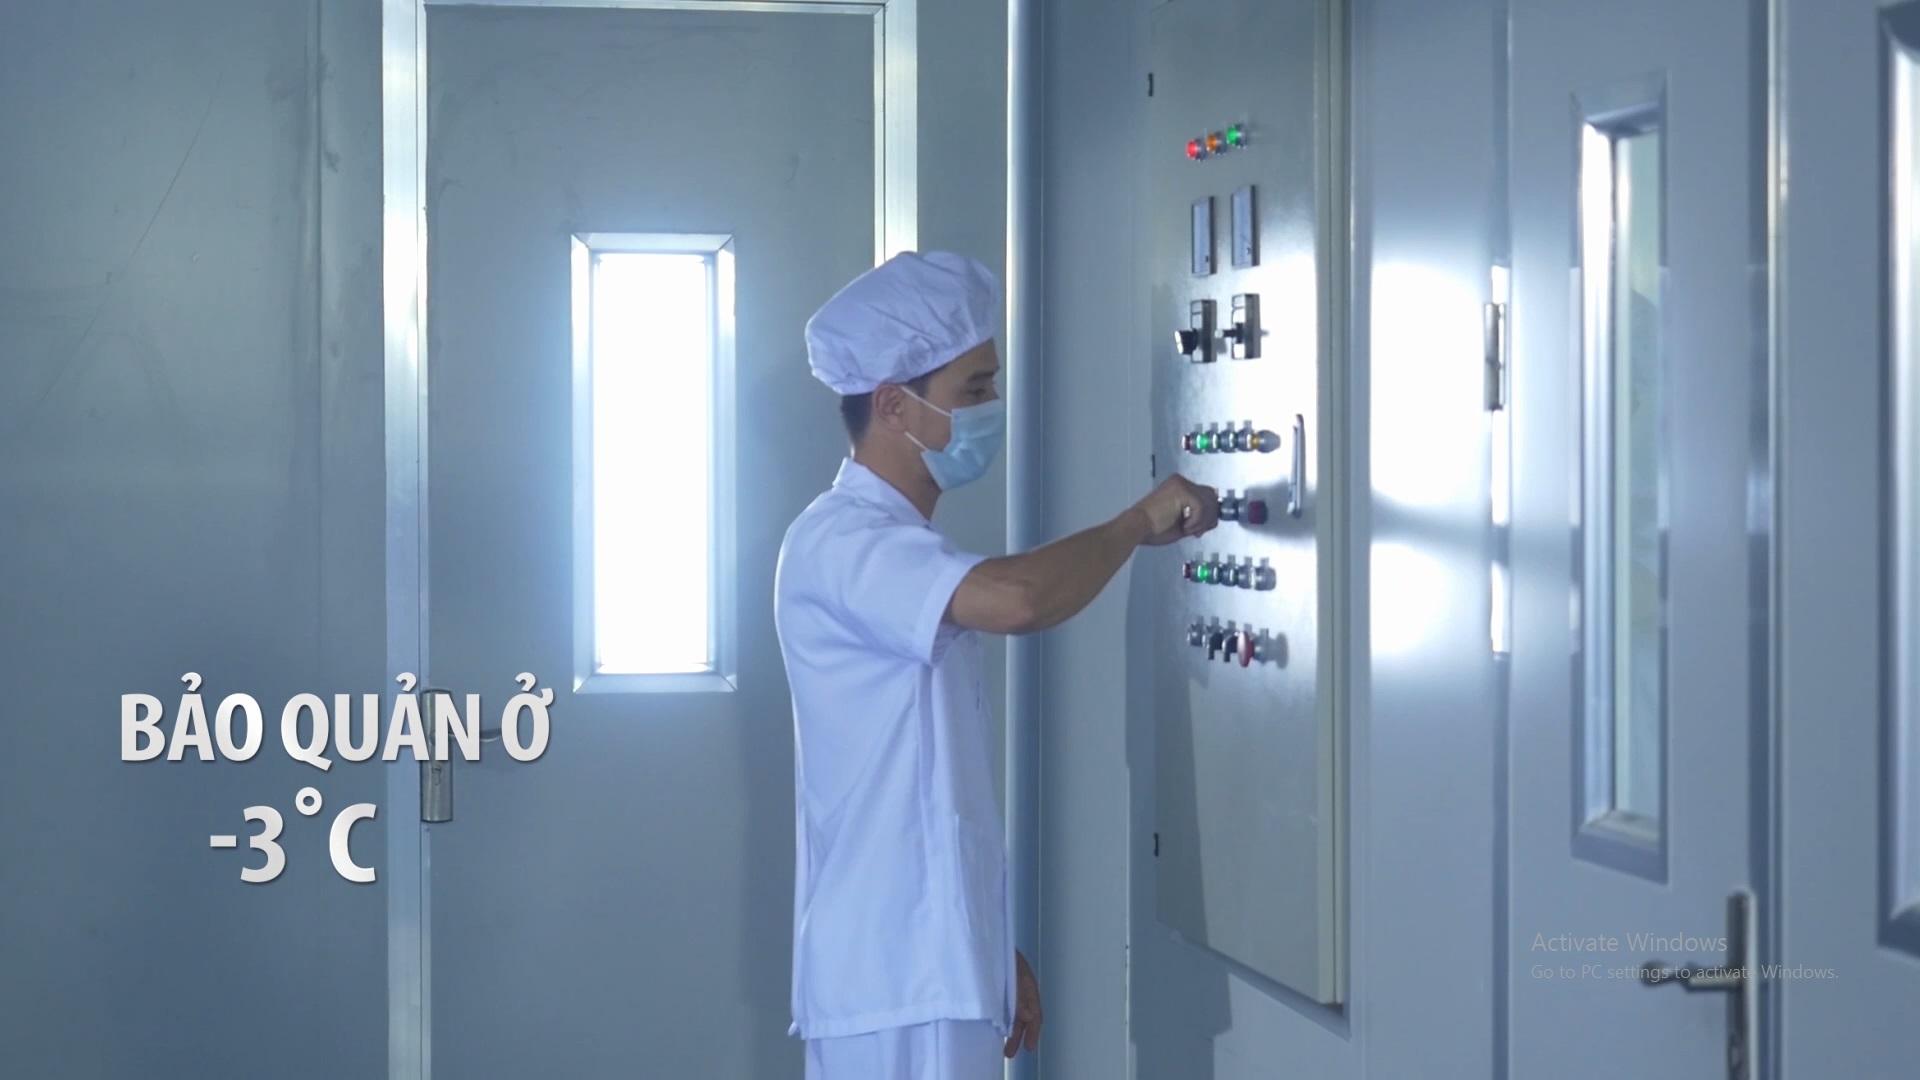 Kho lạnh bảo quản tỏi nguyên liệu có thể tích 800 khối, luôn duy trì nhiệt độ từ -3 đến 0 độ C, đủ năng lực bảo quản ổn định chất lượng 150 tấn tỏi nguyên liệu mà không cần dùng đến chất bảo quản.